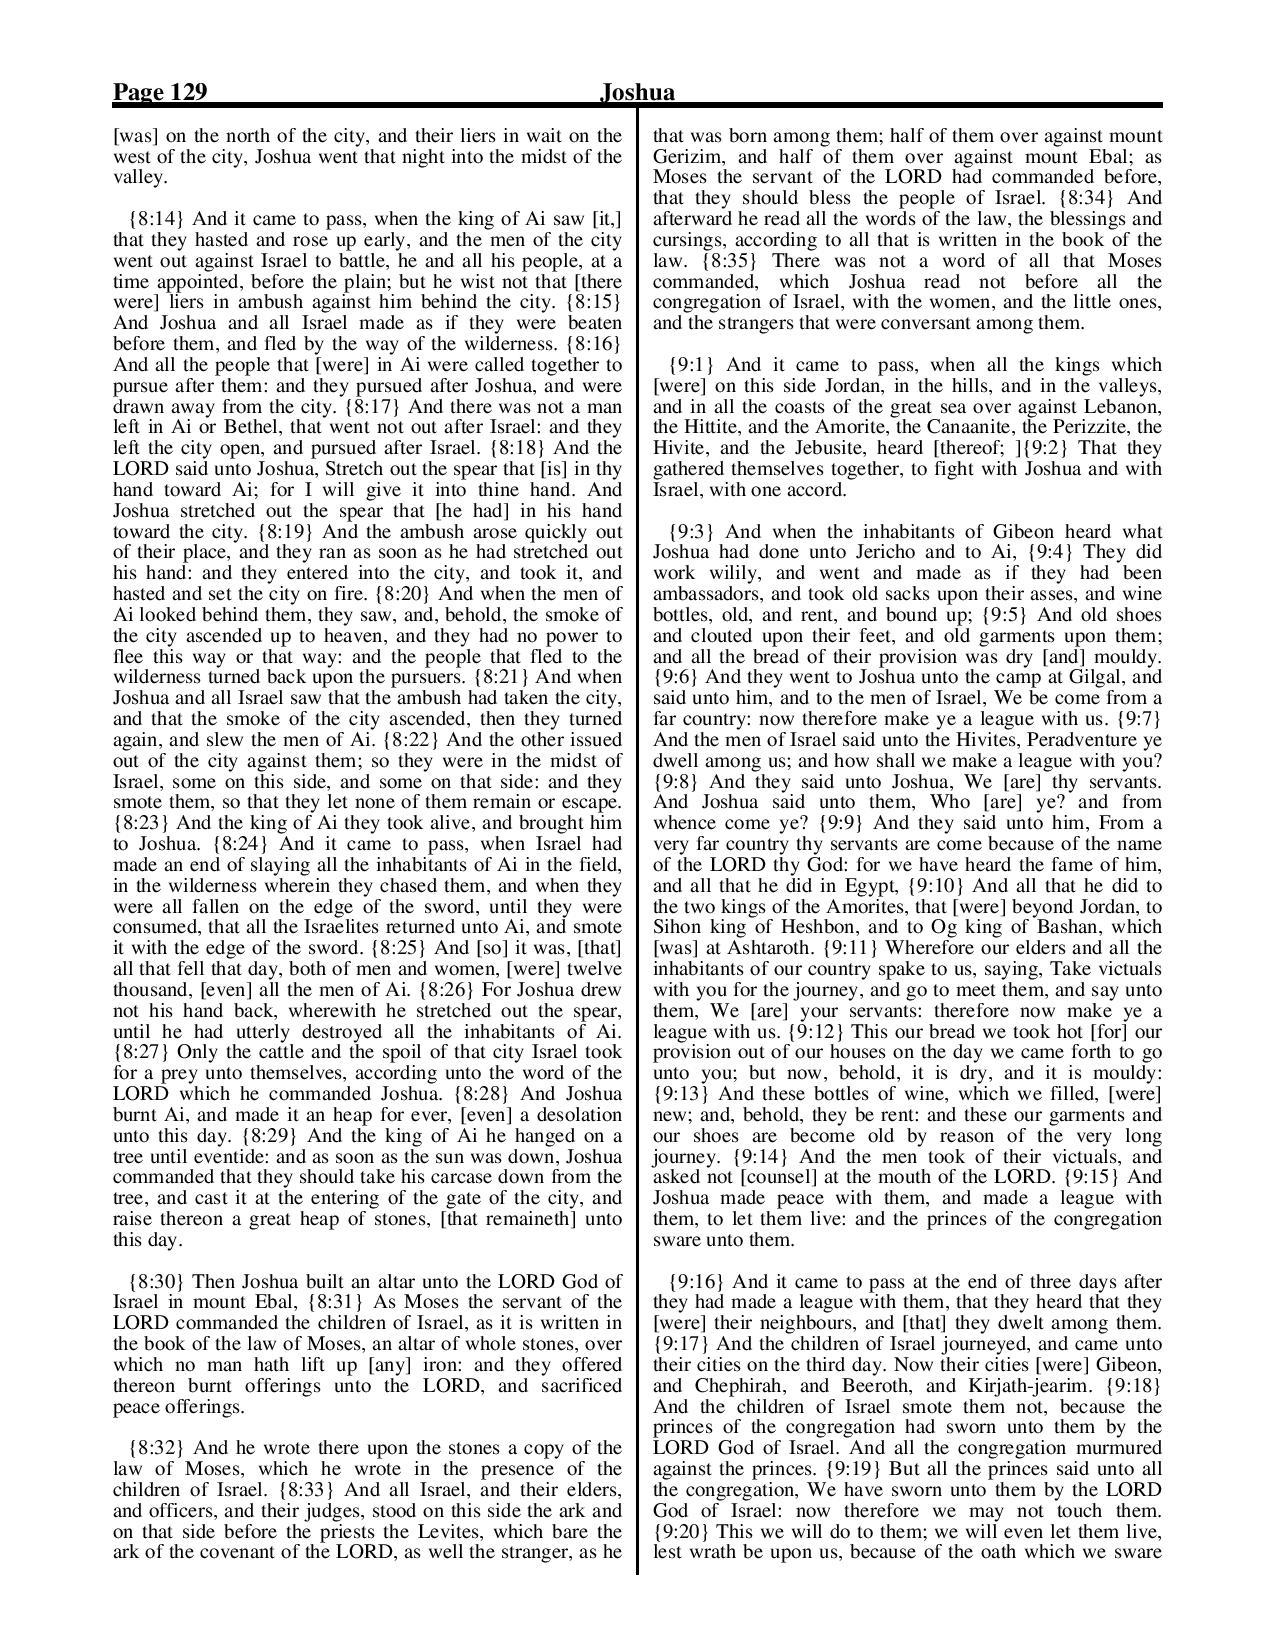 King-James-Bible-KJV-Bible-PDF-page-150